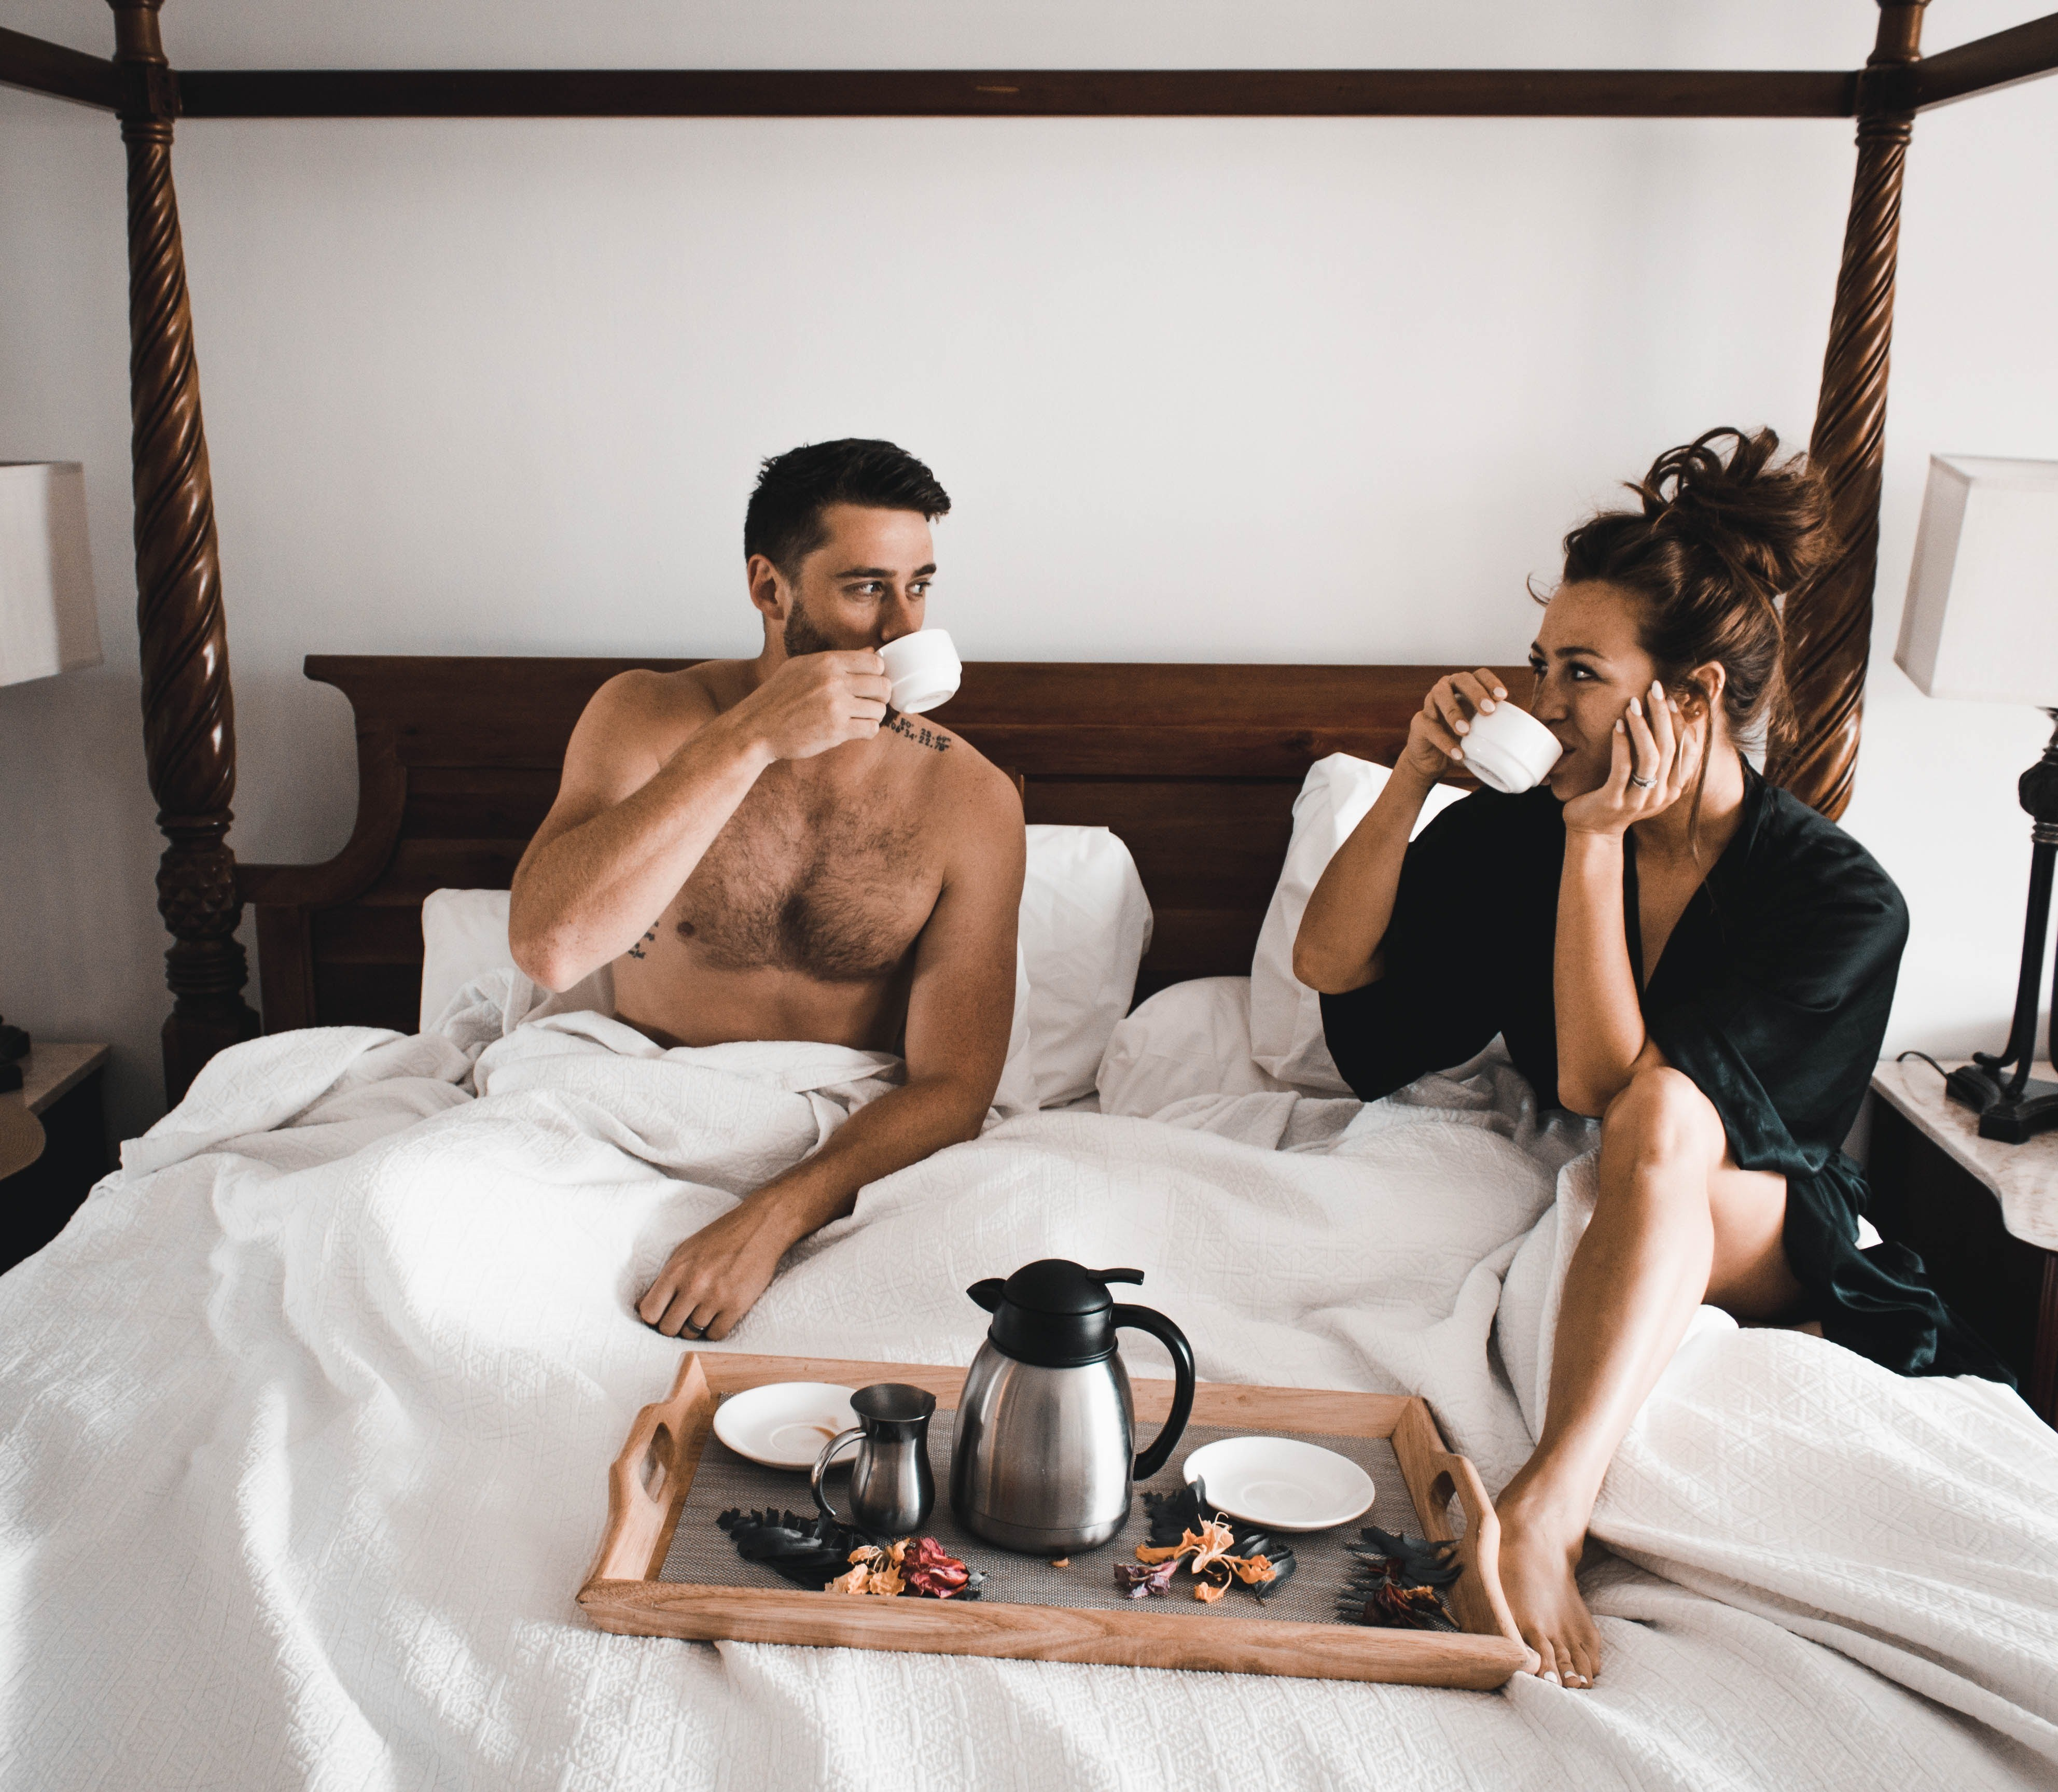 Звезда лиза в постели с любовником, порно массаж девушку неожиданно трахнули